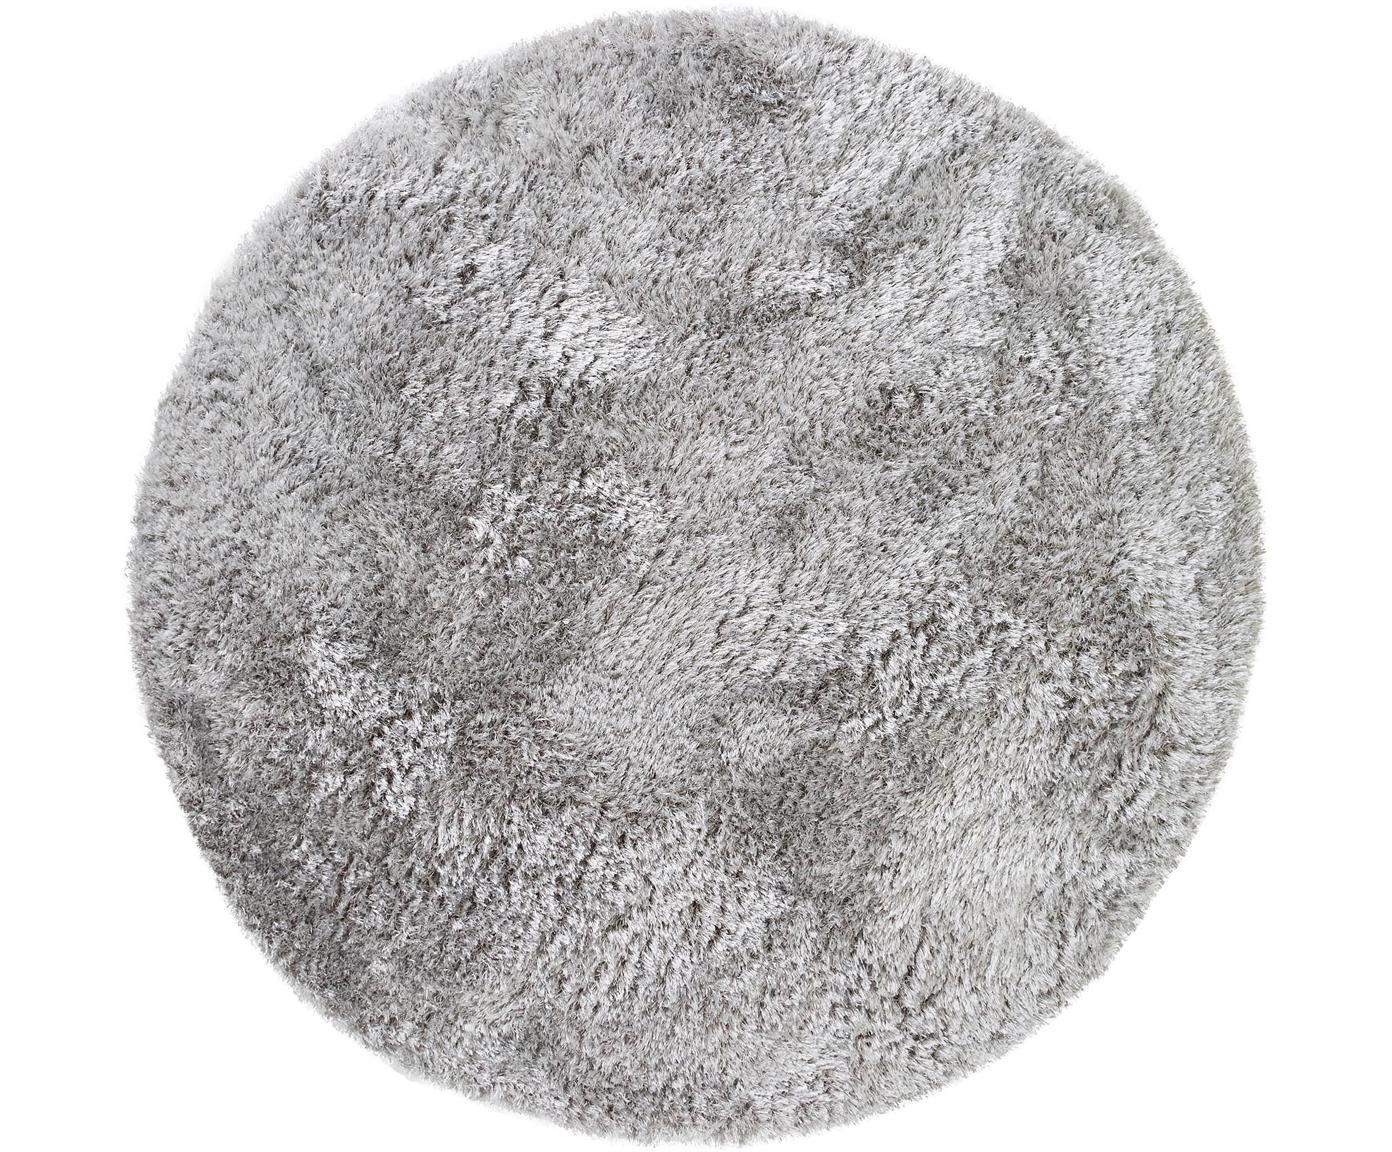 Tappeto a pelo lungo effetto lucido Lea, 50% poliestere, 50% polipropilene, Grigio, Ø 120 cm (taglia S)